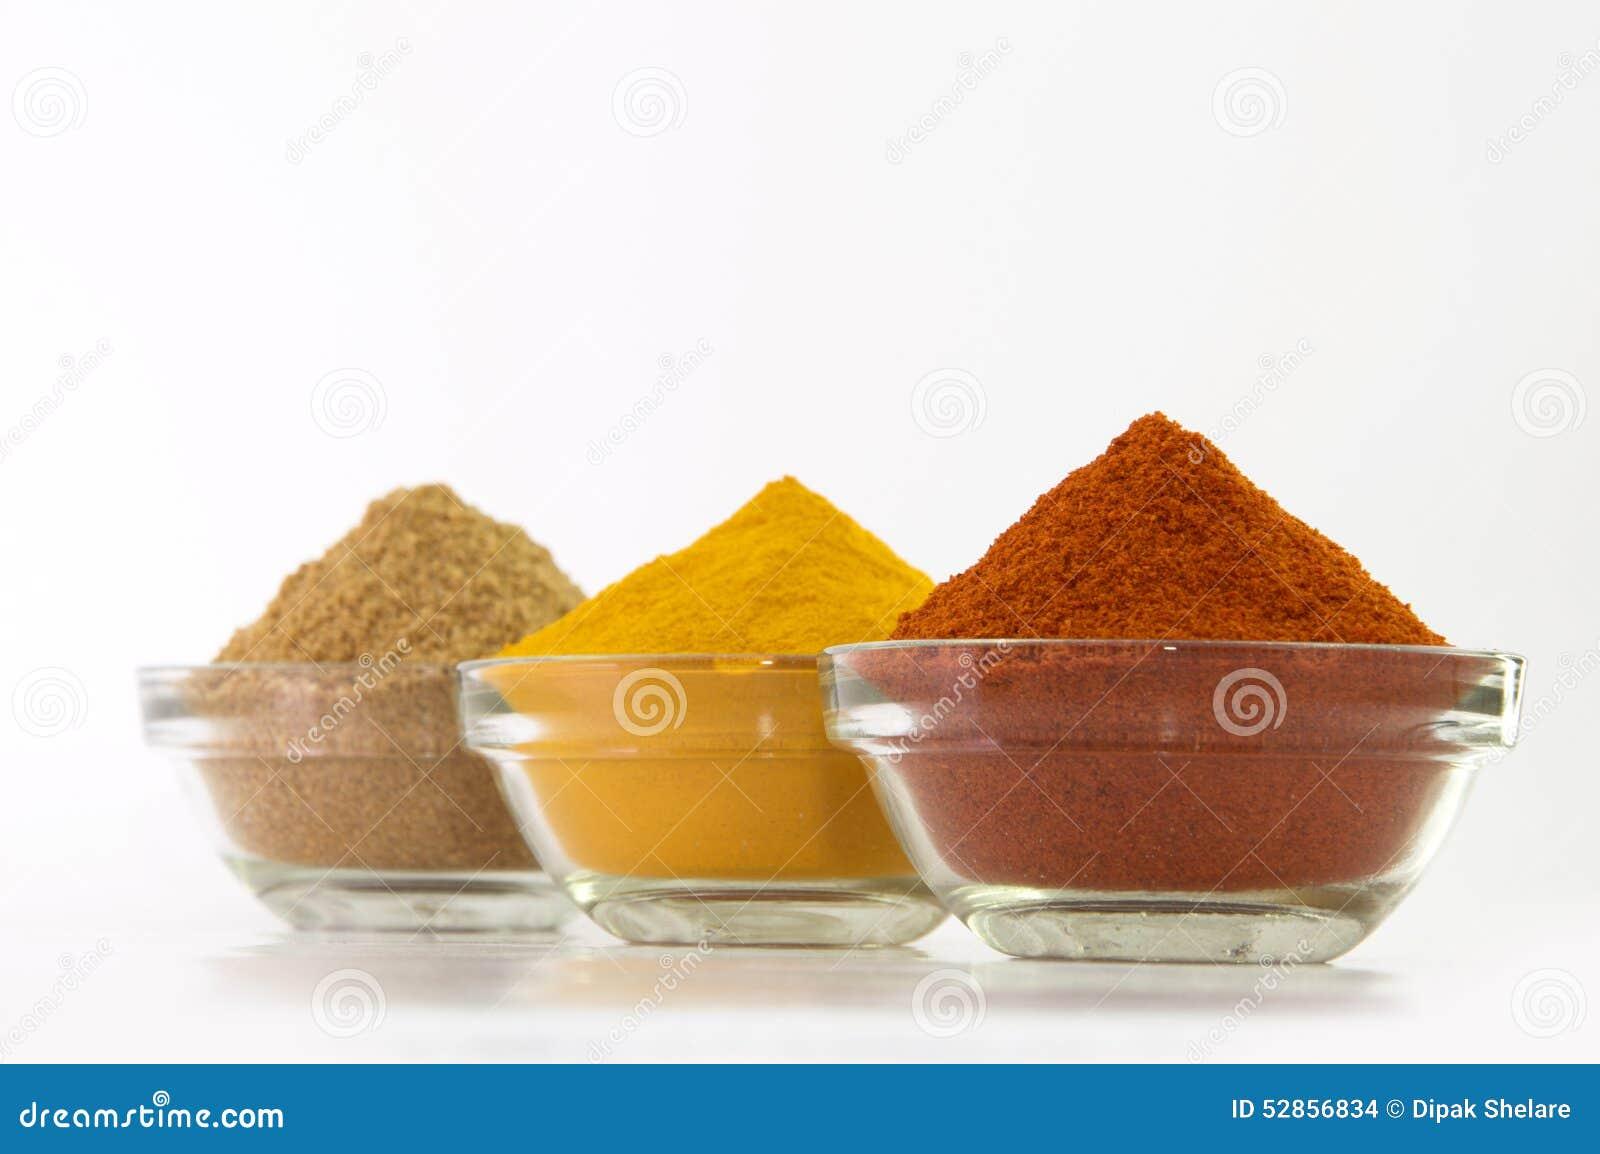 Σκόνη τσίλι, Turmeric σκόνη & σκόνη κορίανδρου στο κύπελλο